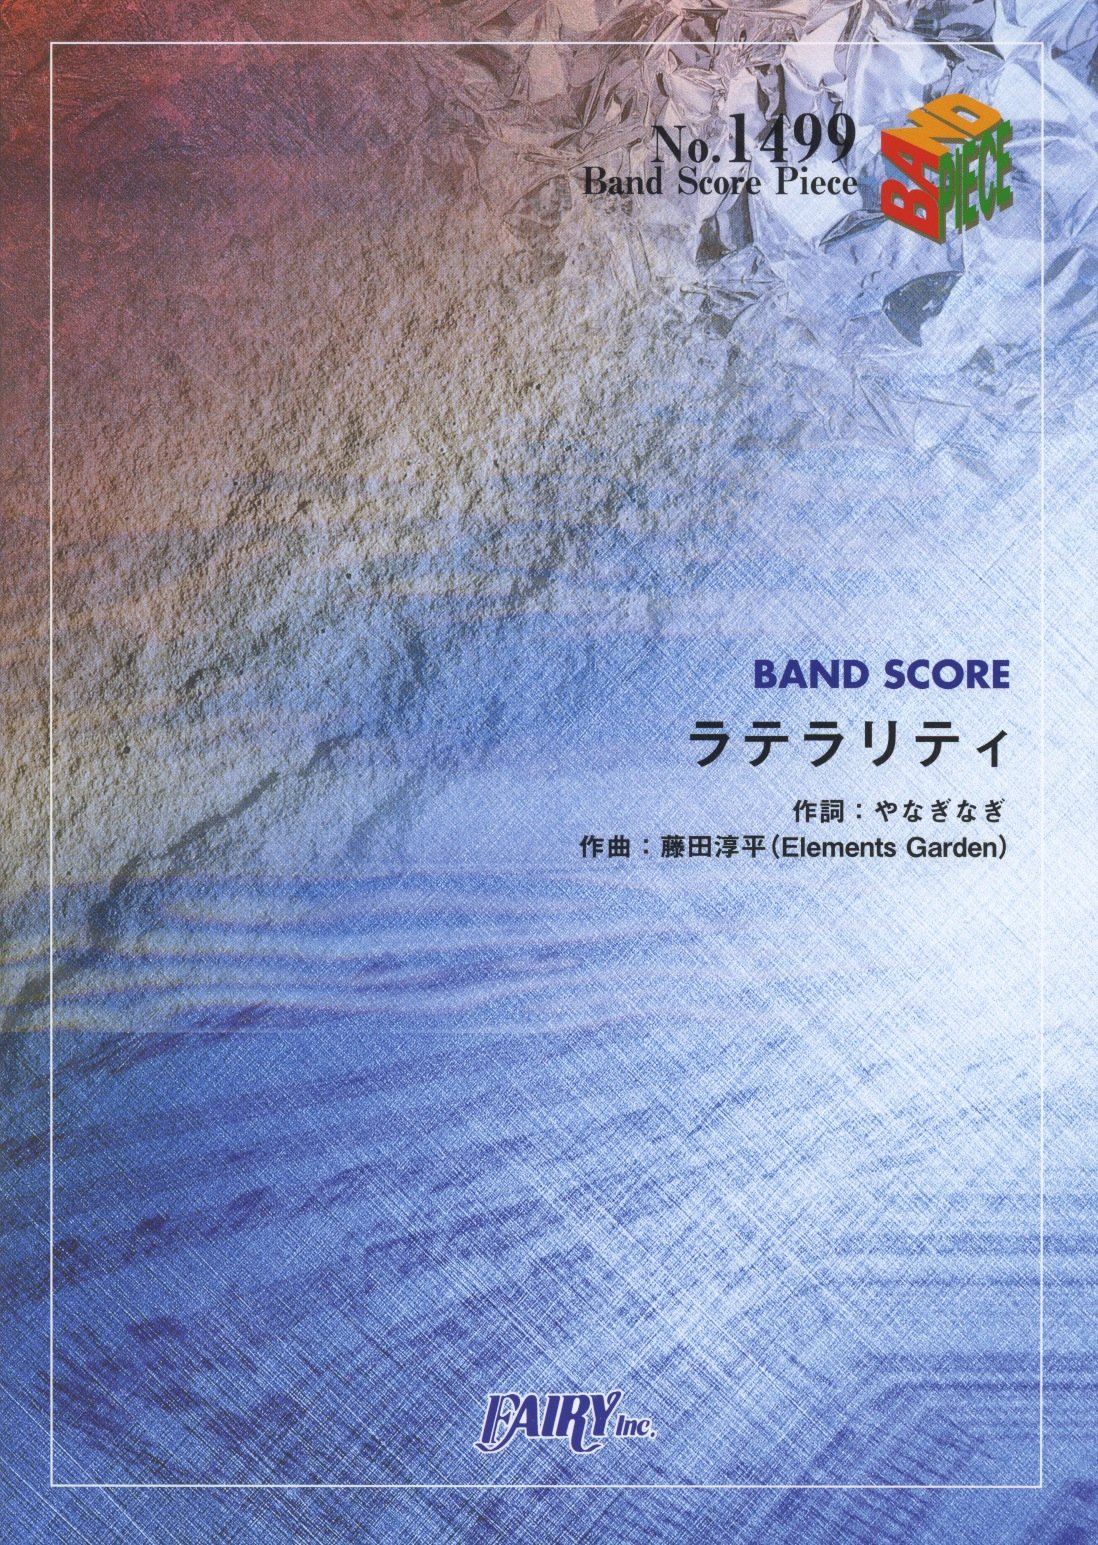 Download バンドピース1499 ラテラリティ by やなぎなぎ (BAND SCORE PIECE) ebook